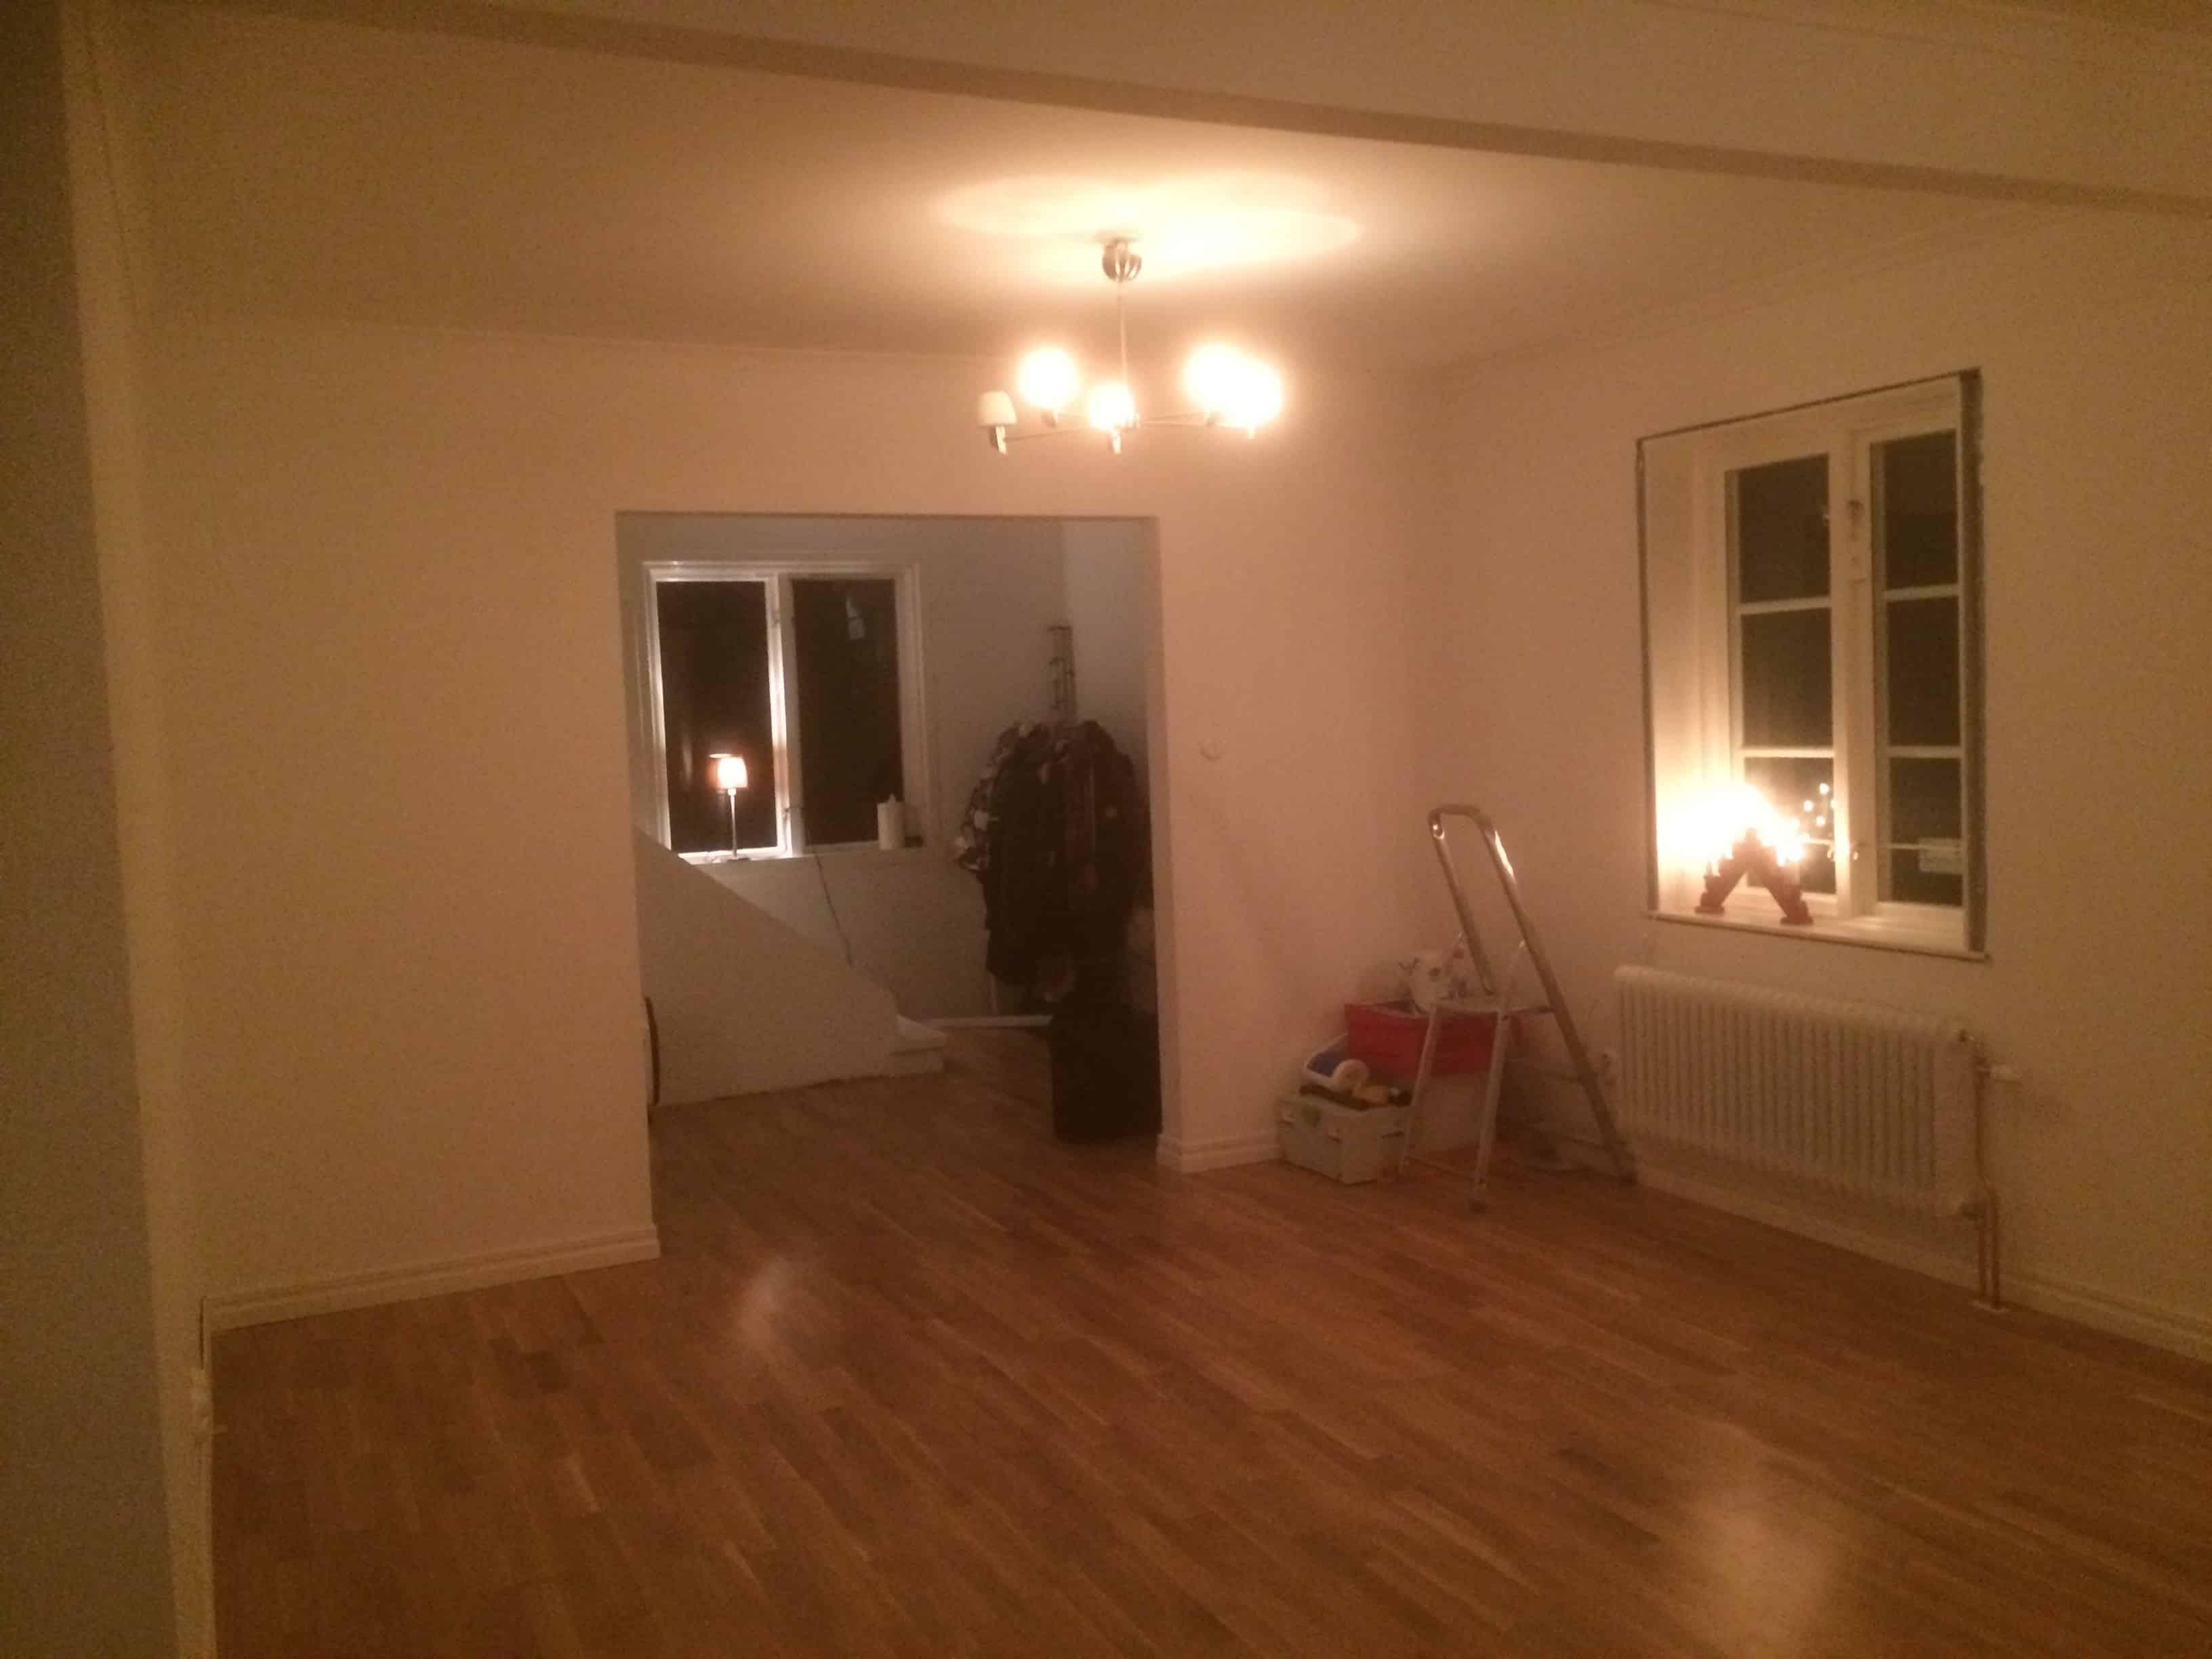 """Referensjobb """"Renovering av undervåning i villa"""" utfört av KA Bygg & Installation"""